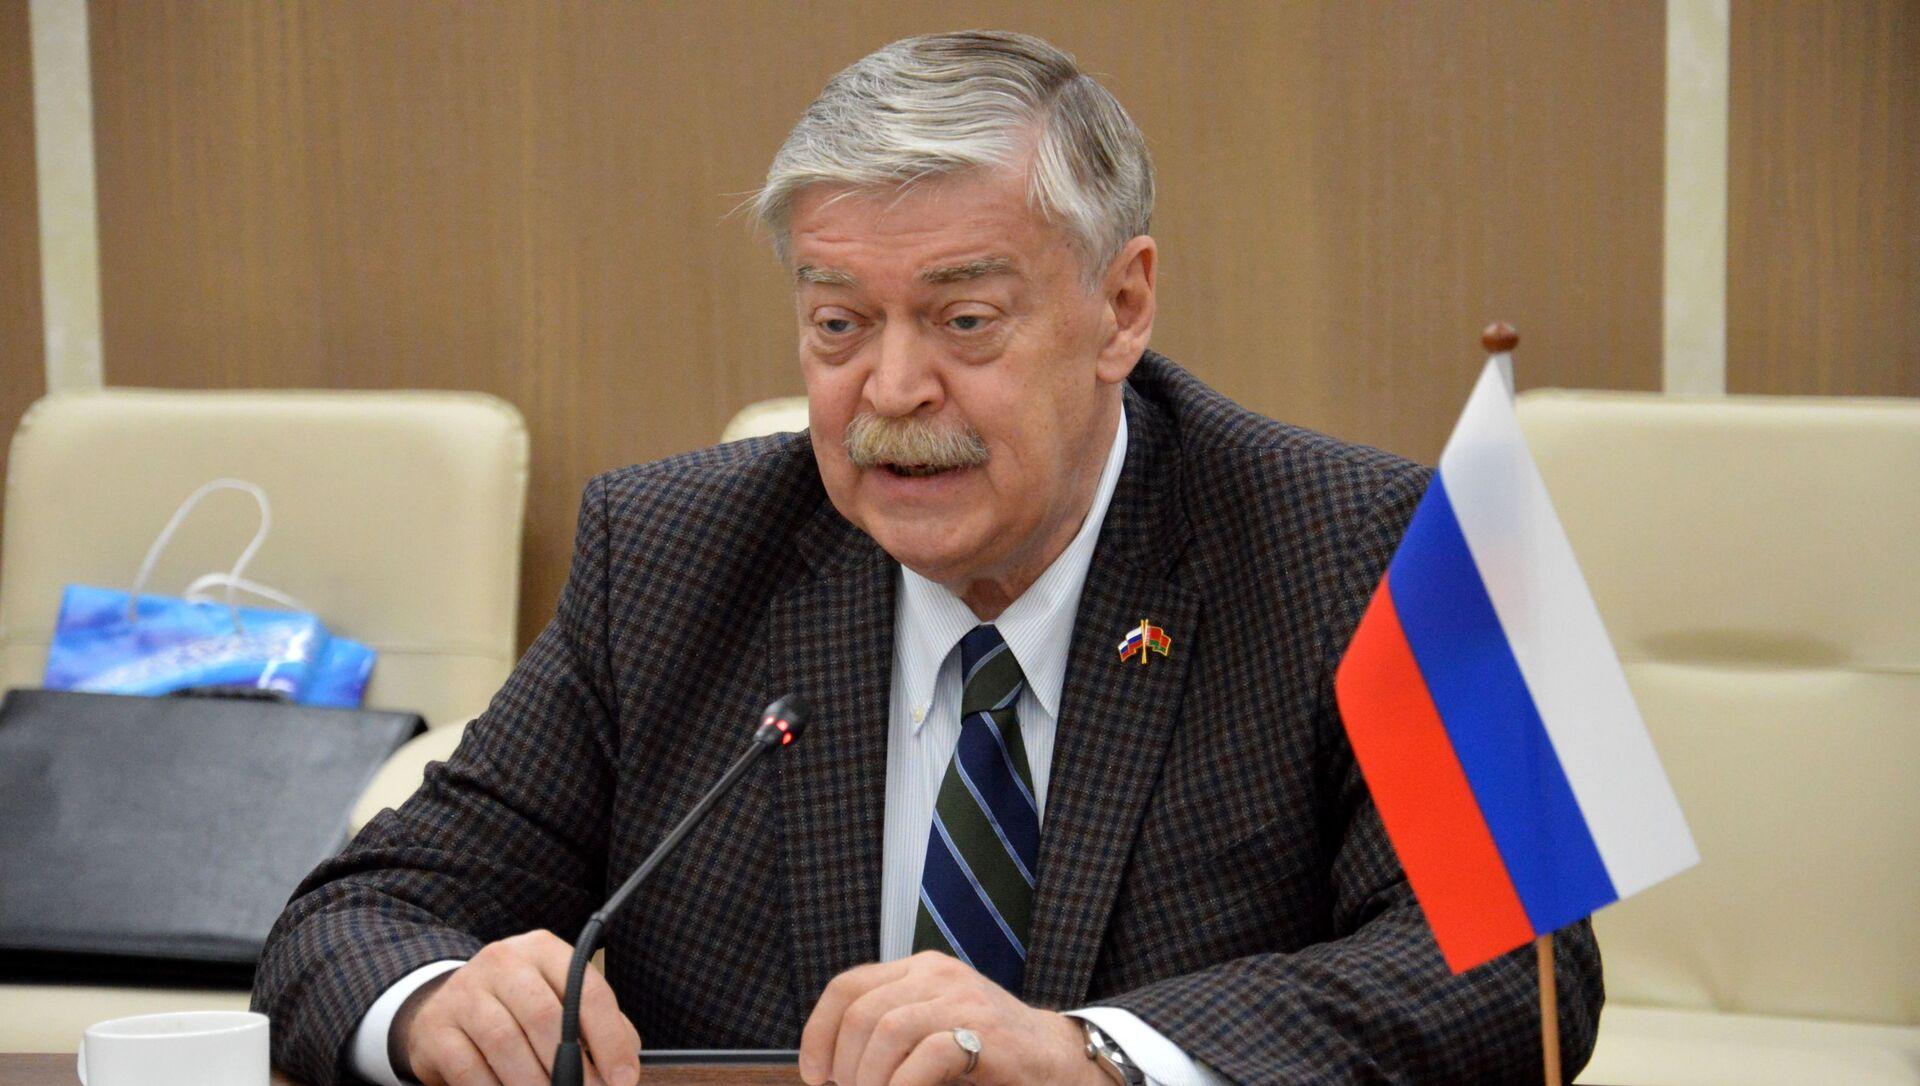 Посол России в Беларуси Евгений Лукьянов - Sputnik Беларусь, 1920, 05.06.2021